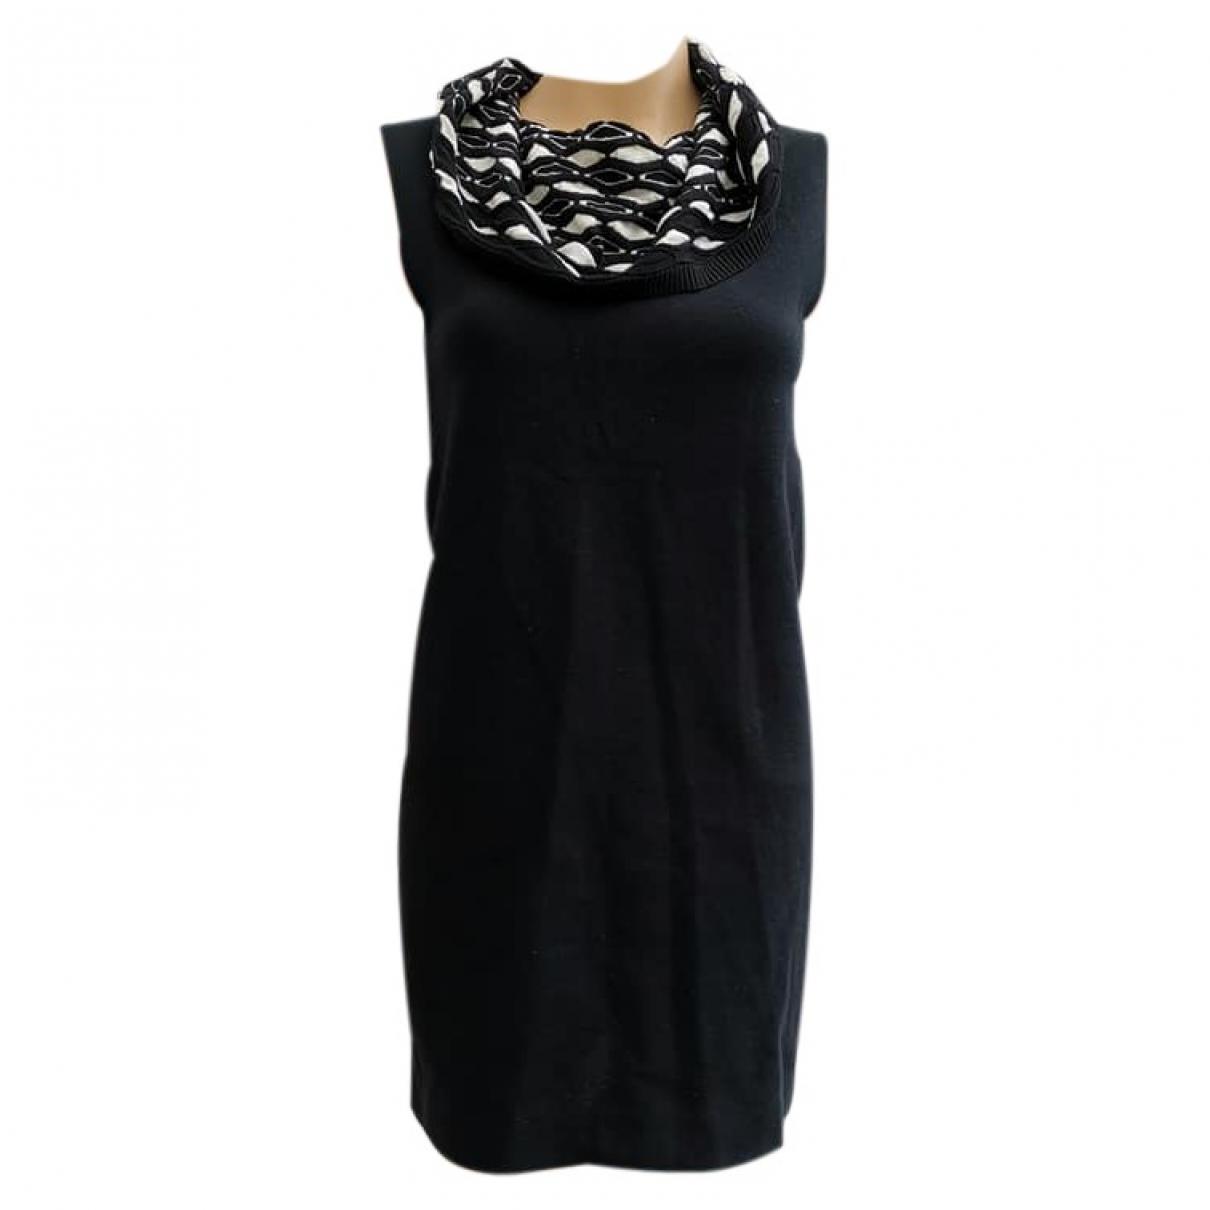 M Missoni \N Kleid in  Schwarz Wolle